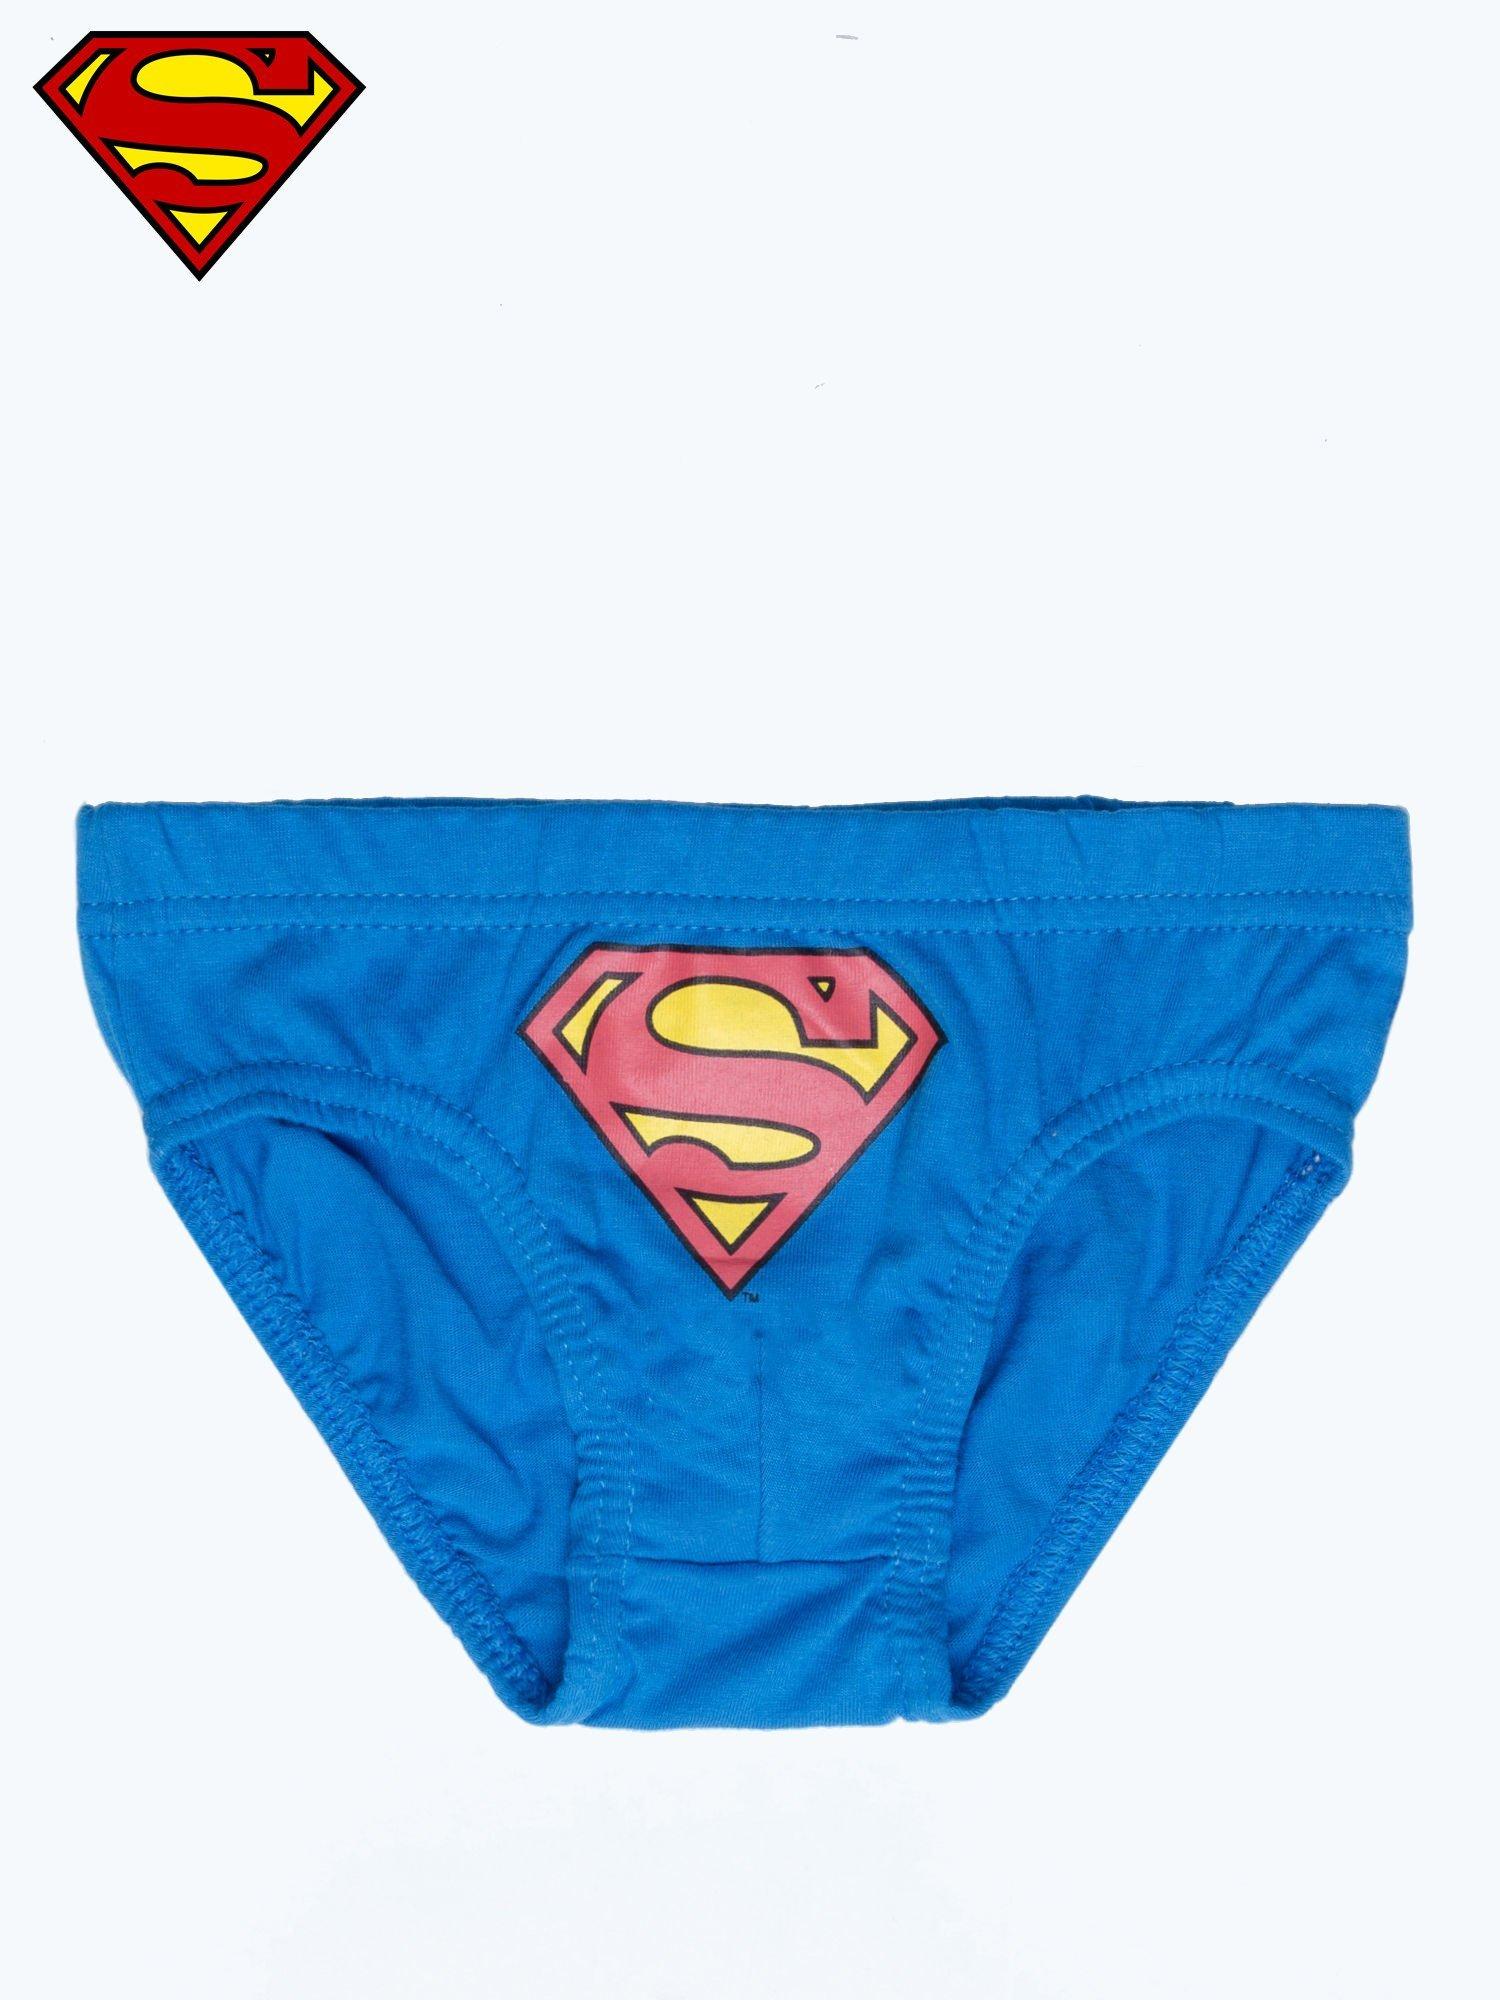 Majtki chłopięce bawełniane SUPERMAN 3 szt                                  zdj.                                  2